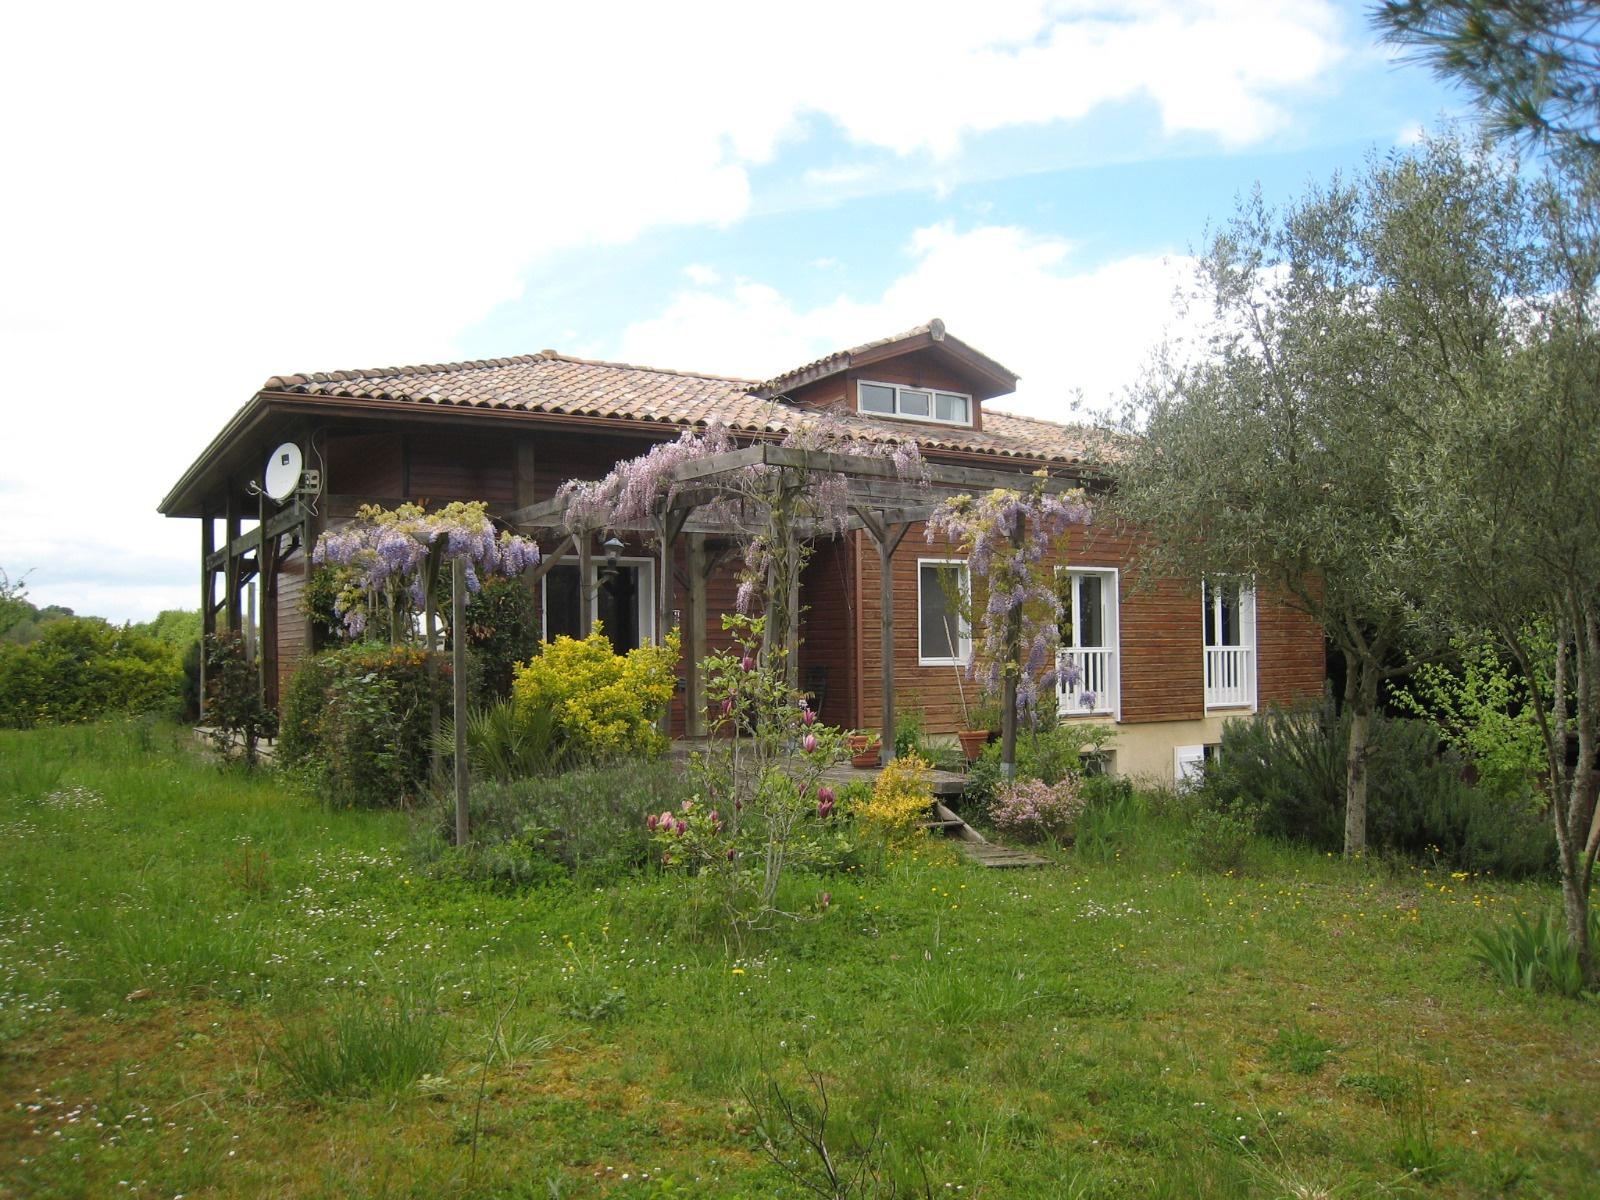 Vente maison ossature bois for Villa ossature bois